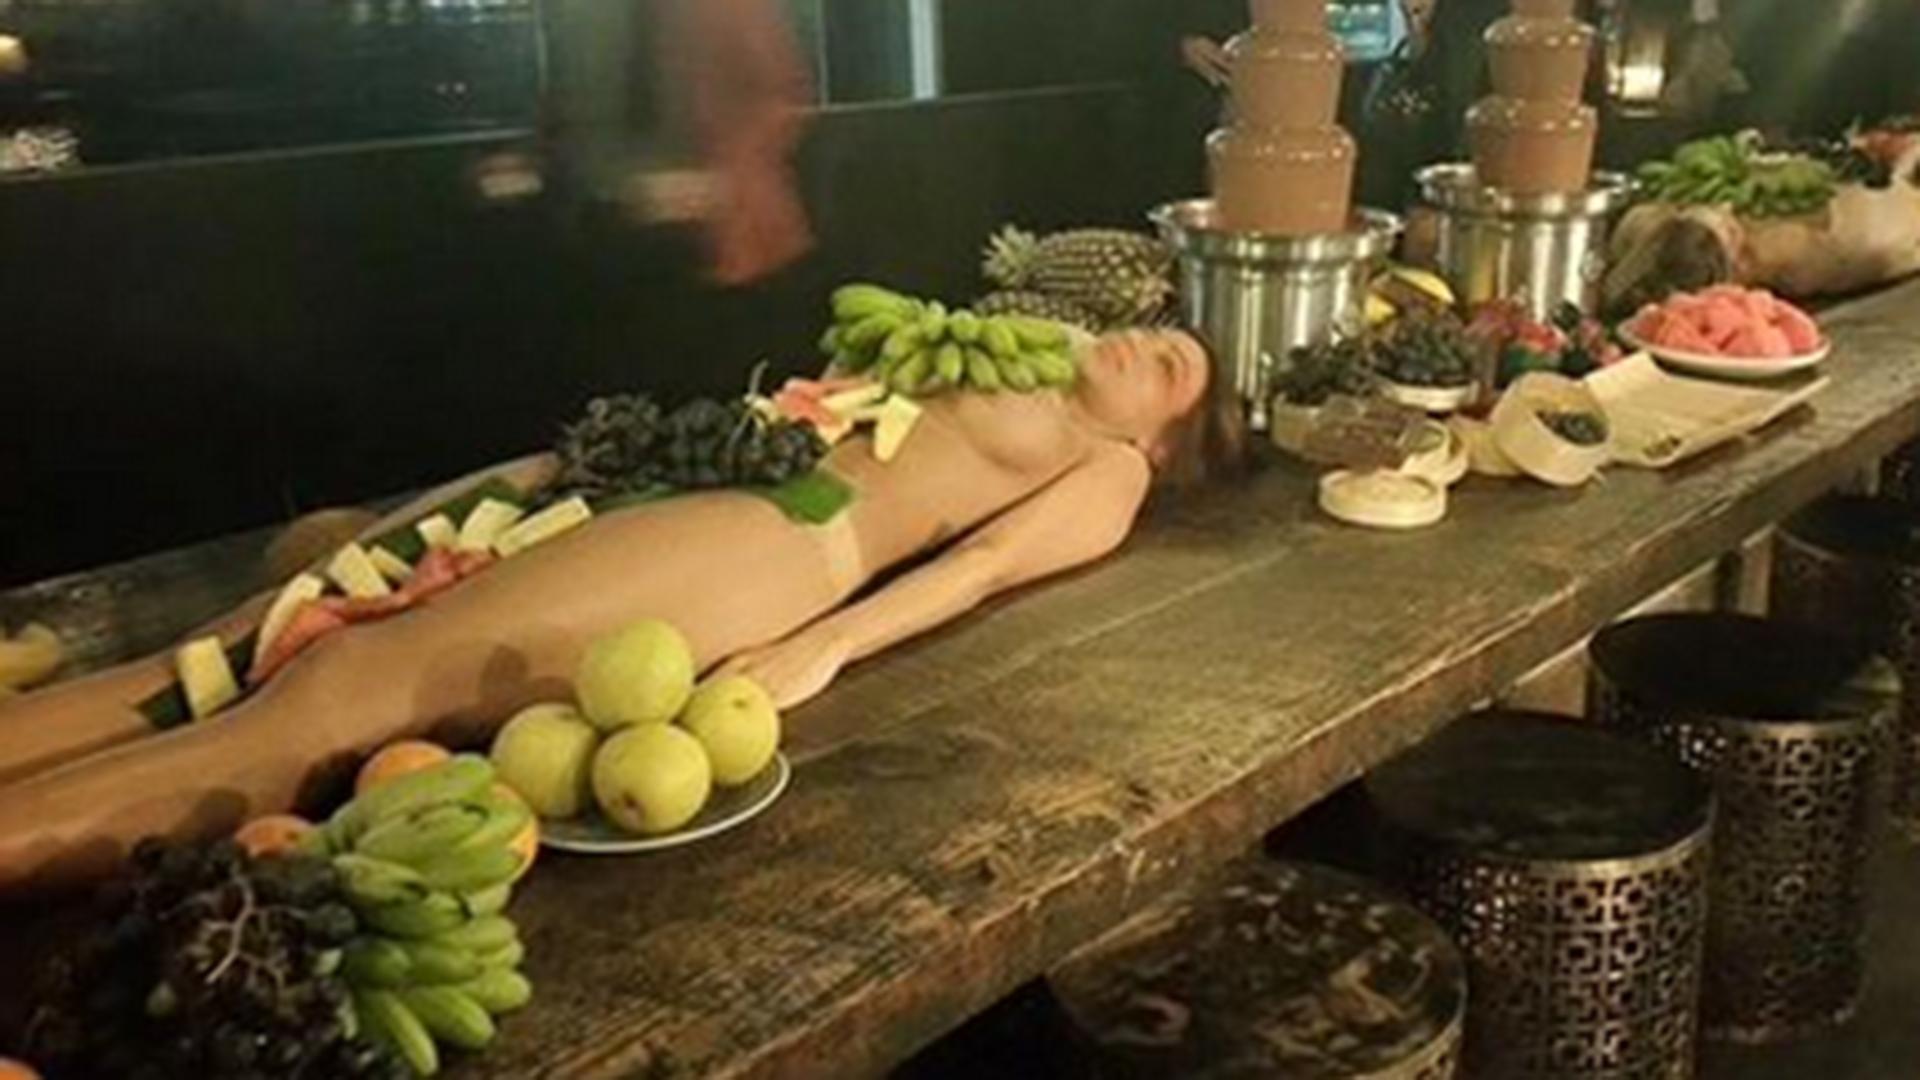 Mujer desnuda videos photo 15